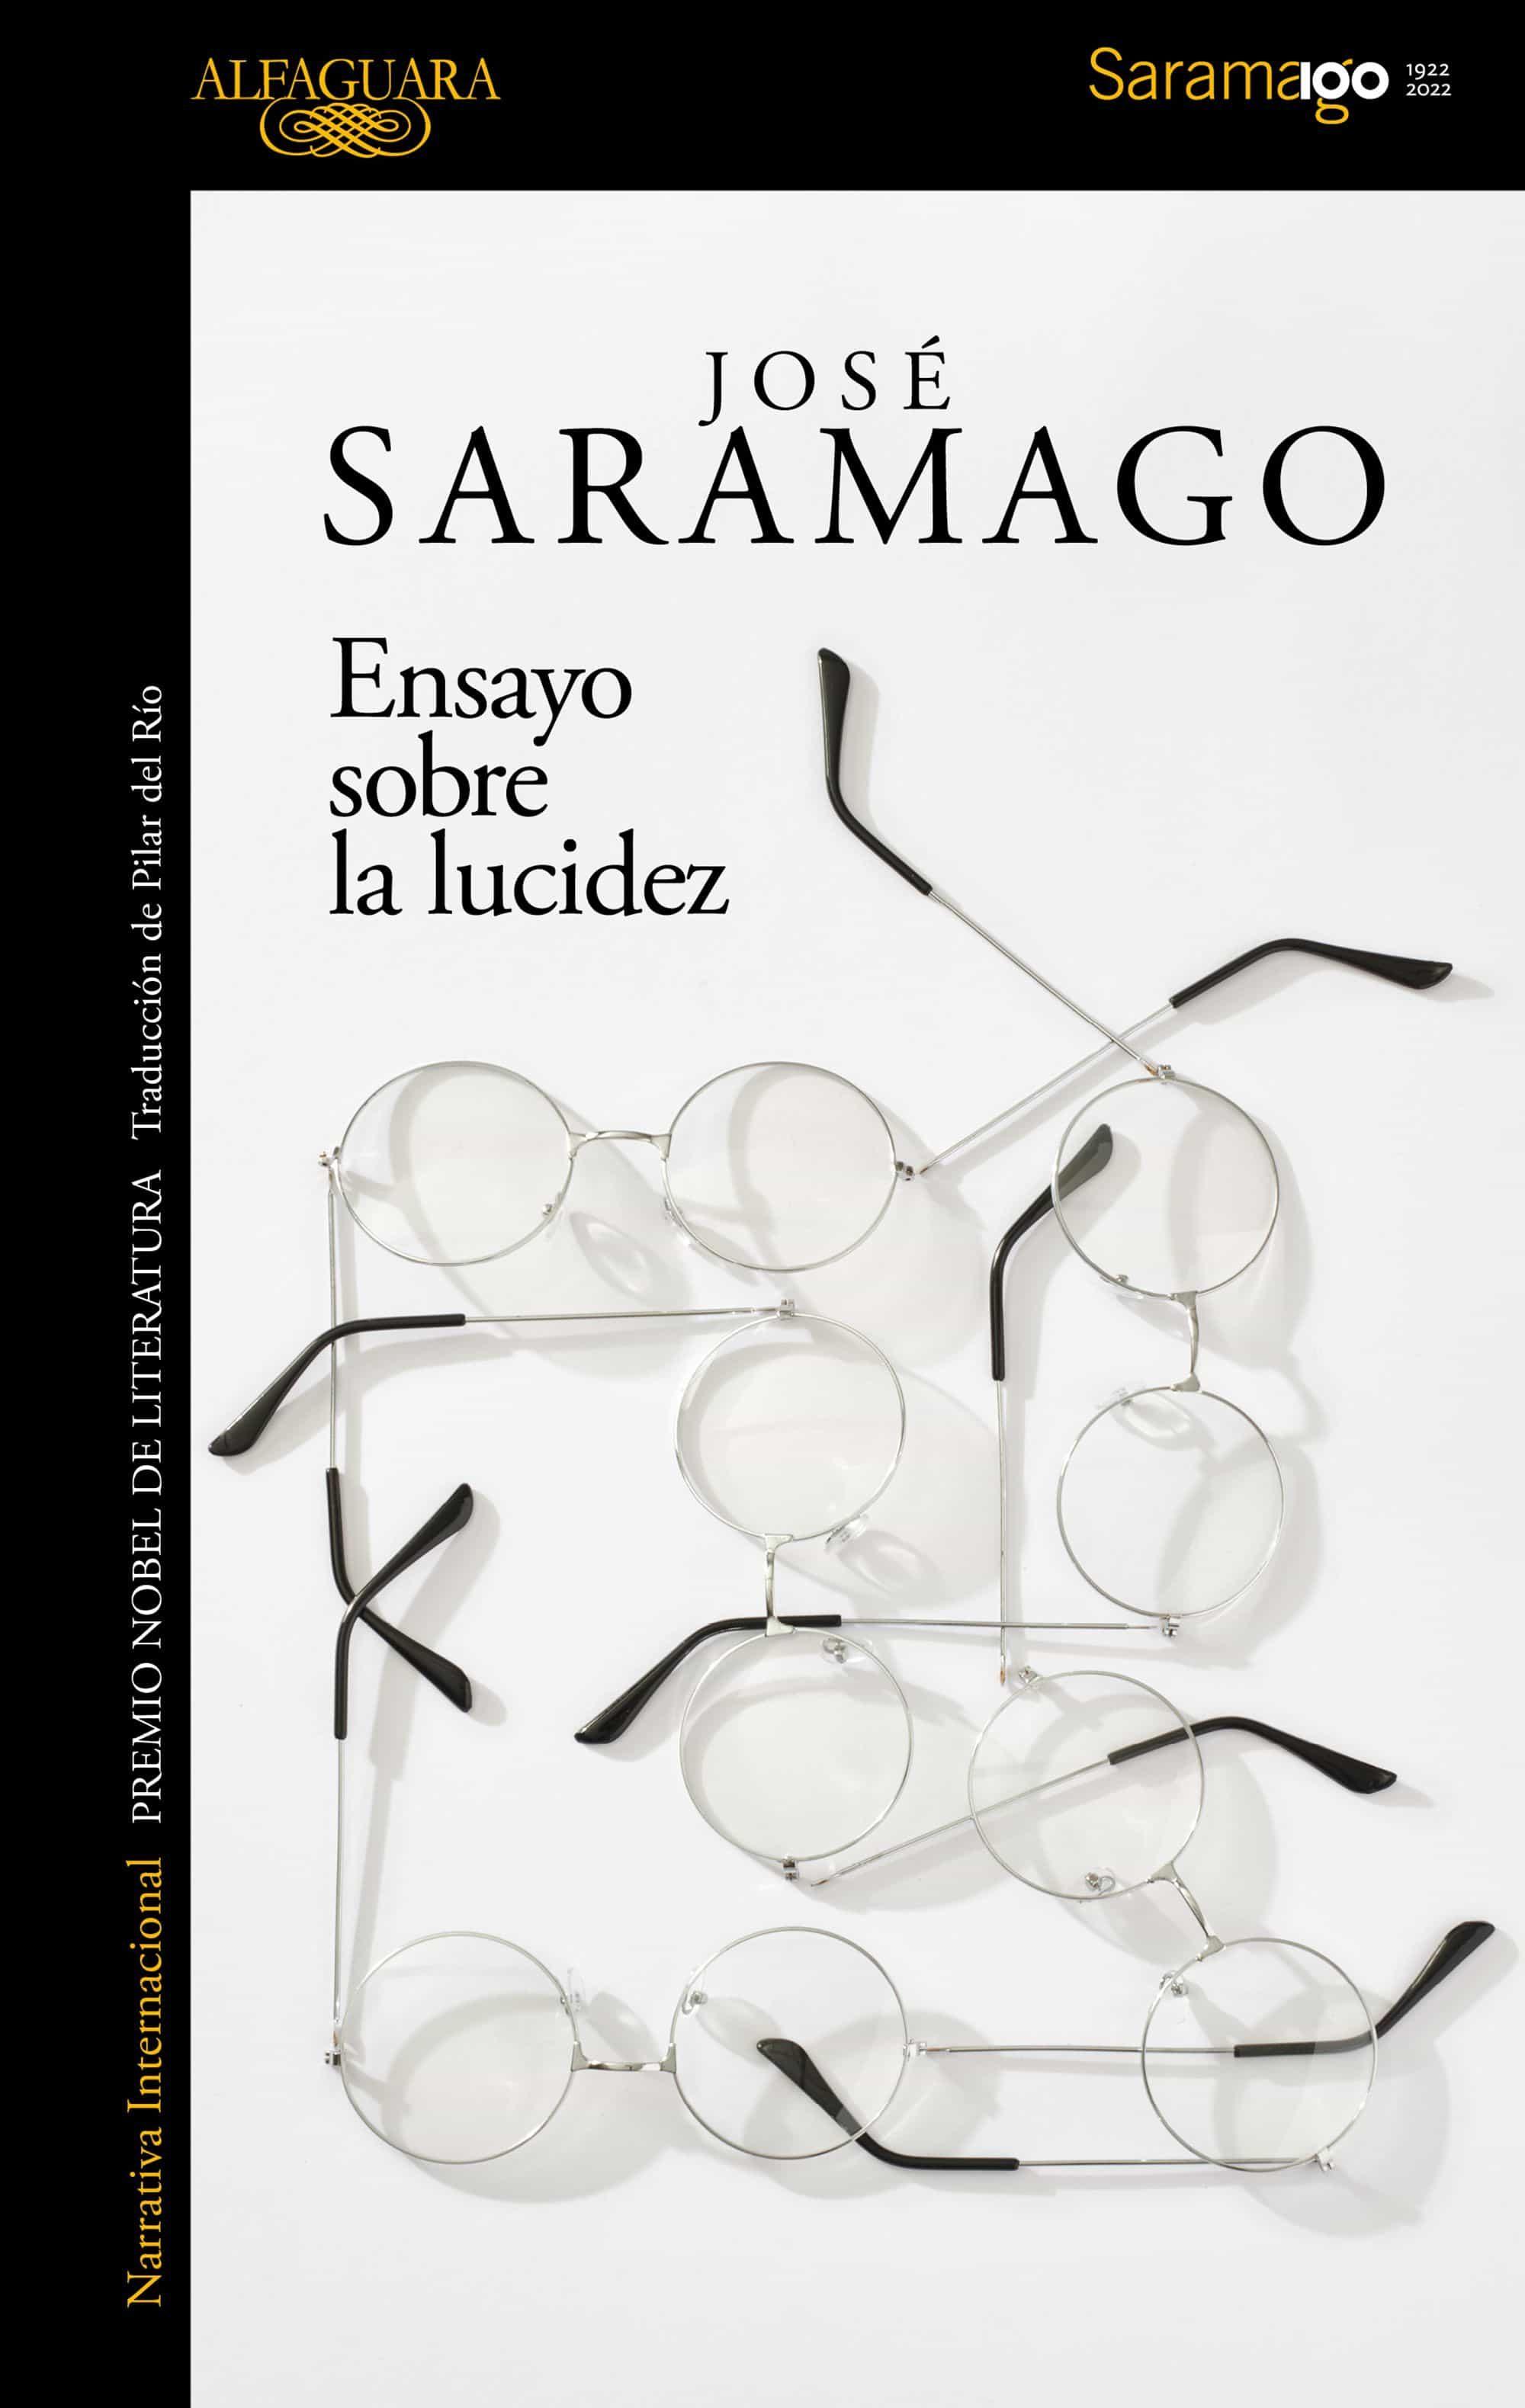 ENSAYO SOBRE LA LUCIDEZ EBOOK | JOSE SARAMAGO | Descargar